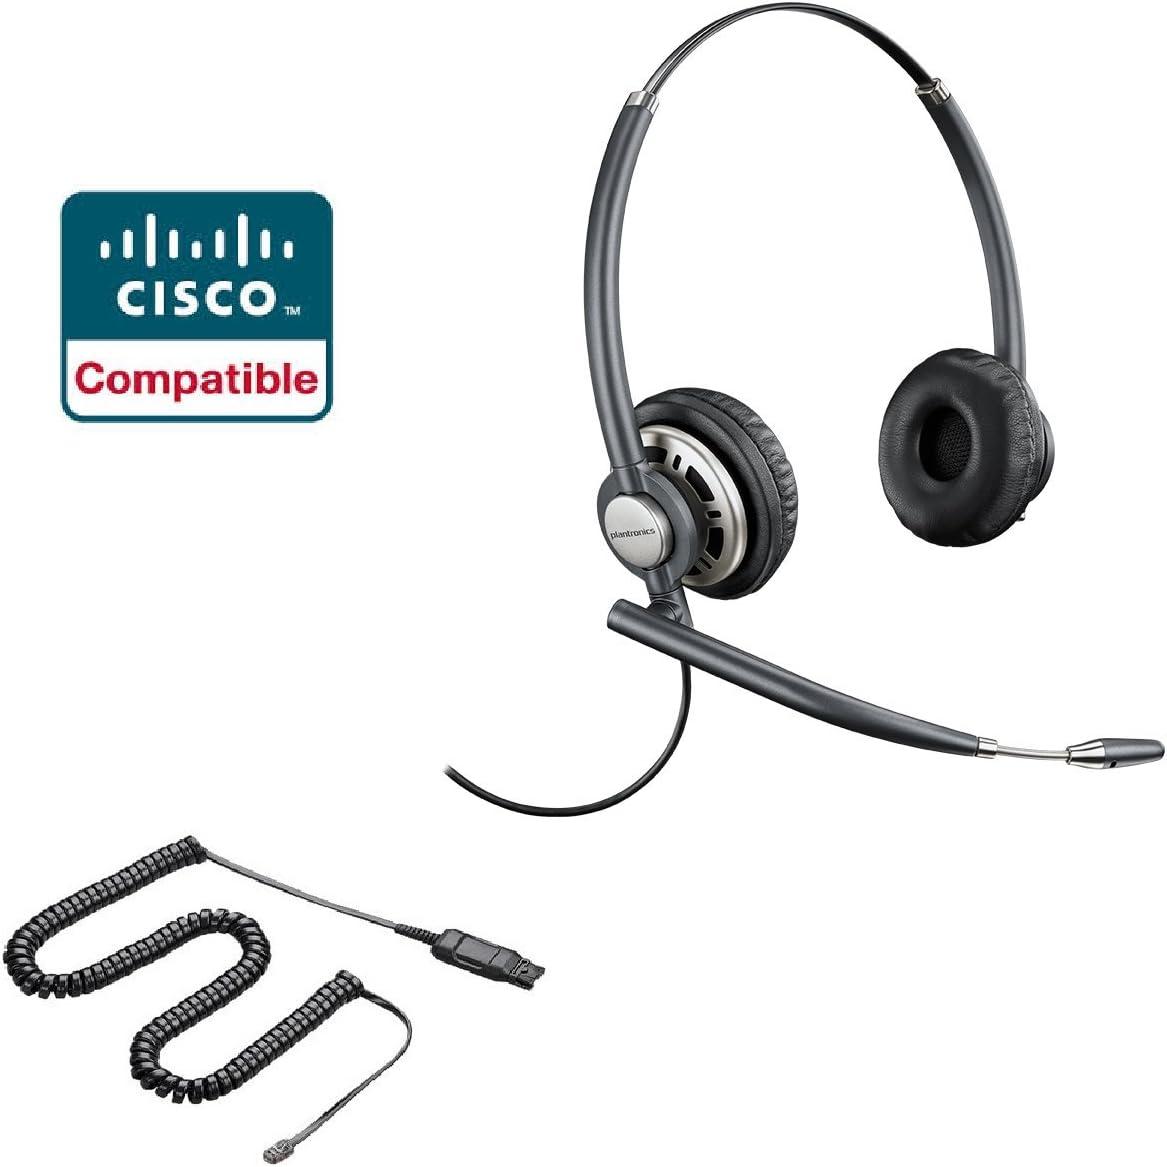 Amazon Com Cisco Compatible Plantronics Encorepro 720 Hw720 Noise Canceling Direct Connect Voip Headset Bundle Cisco 69xx 78xx 79xx 89xx 99xx Series Phone Office Products